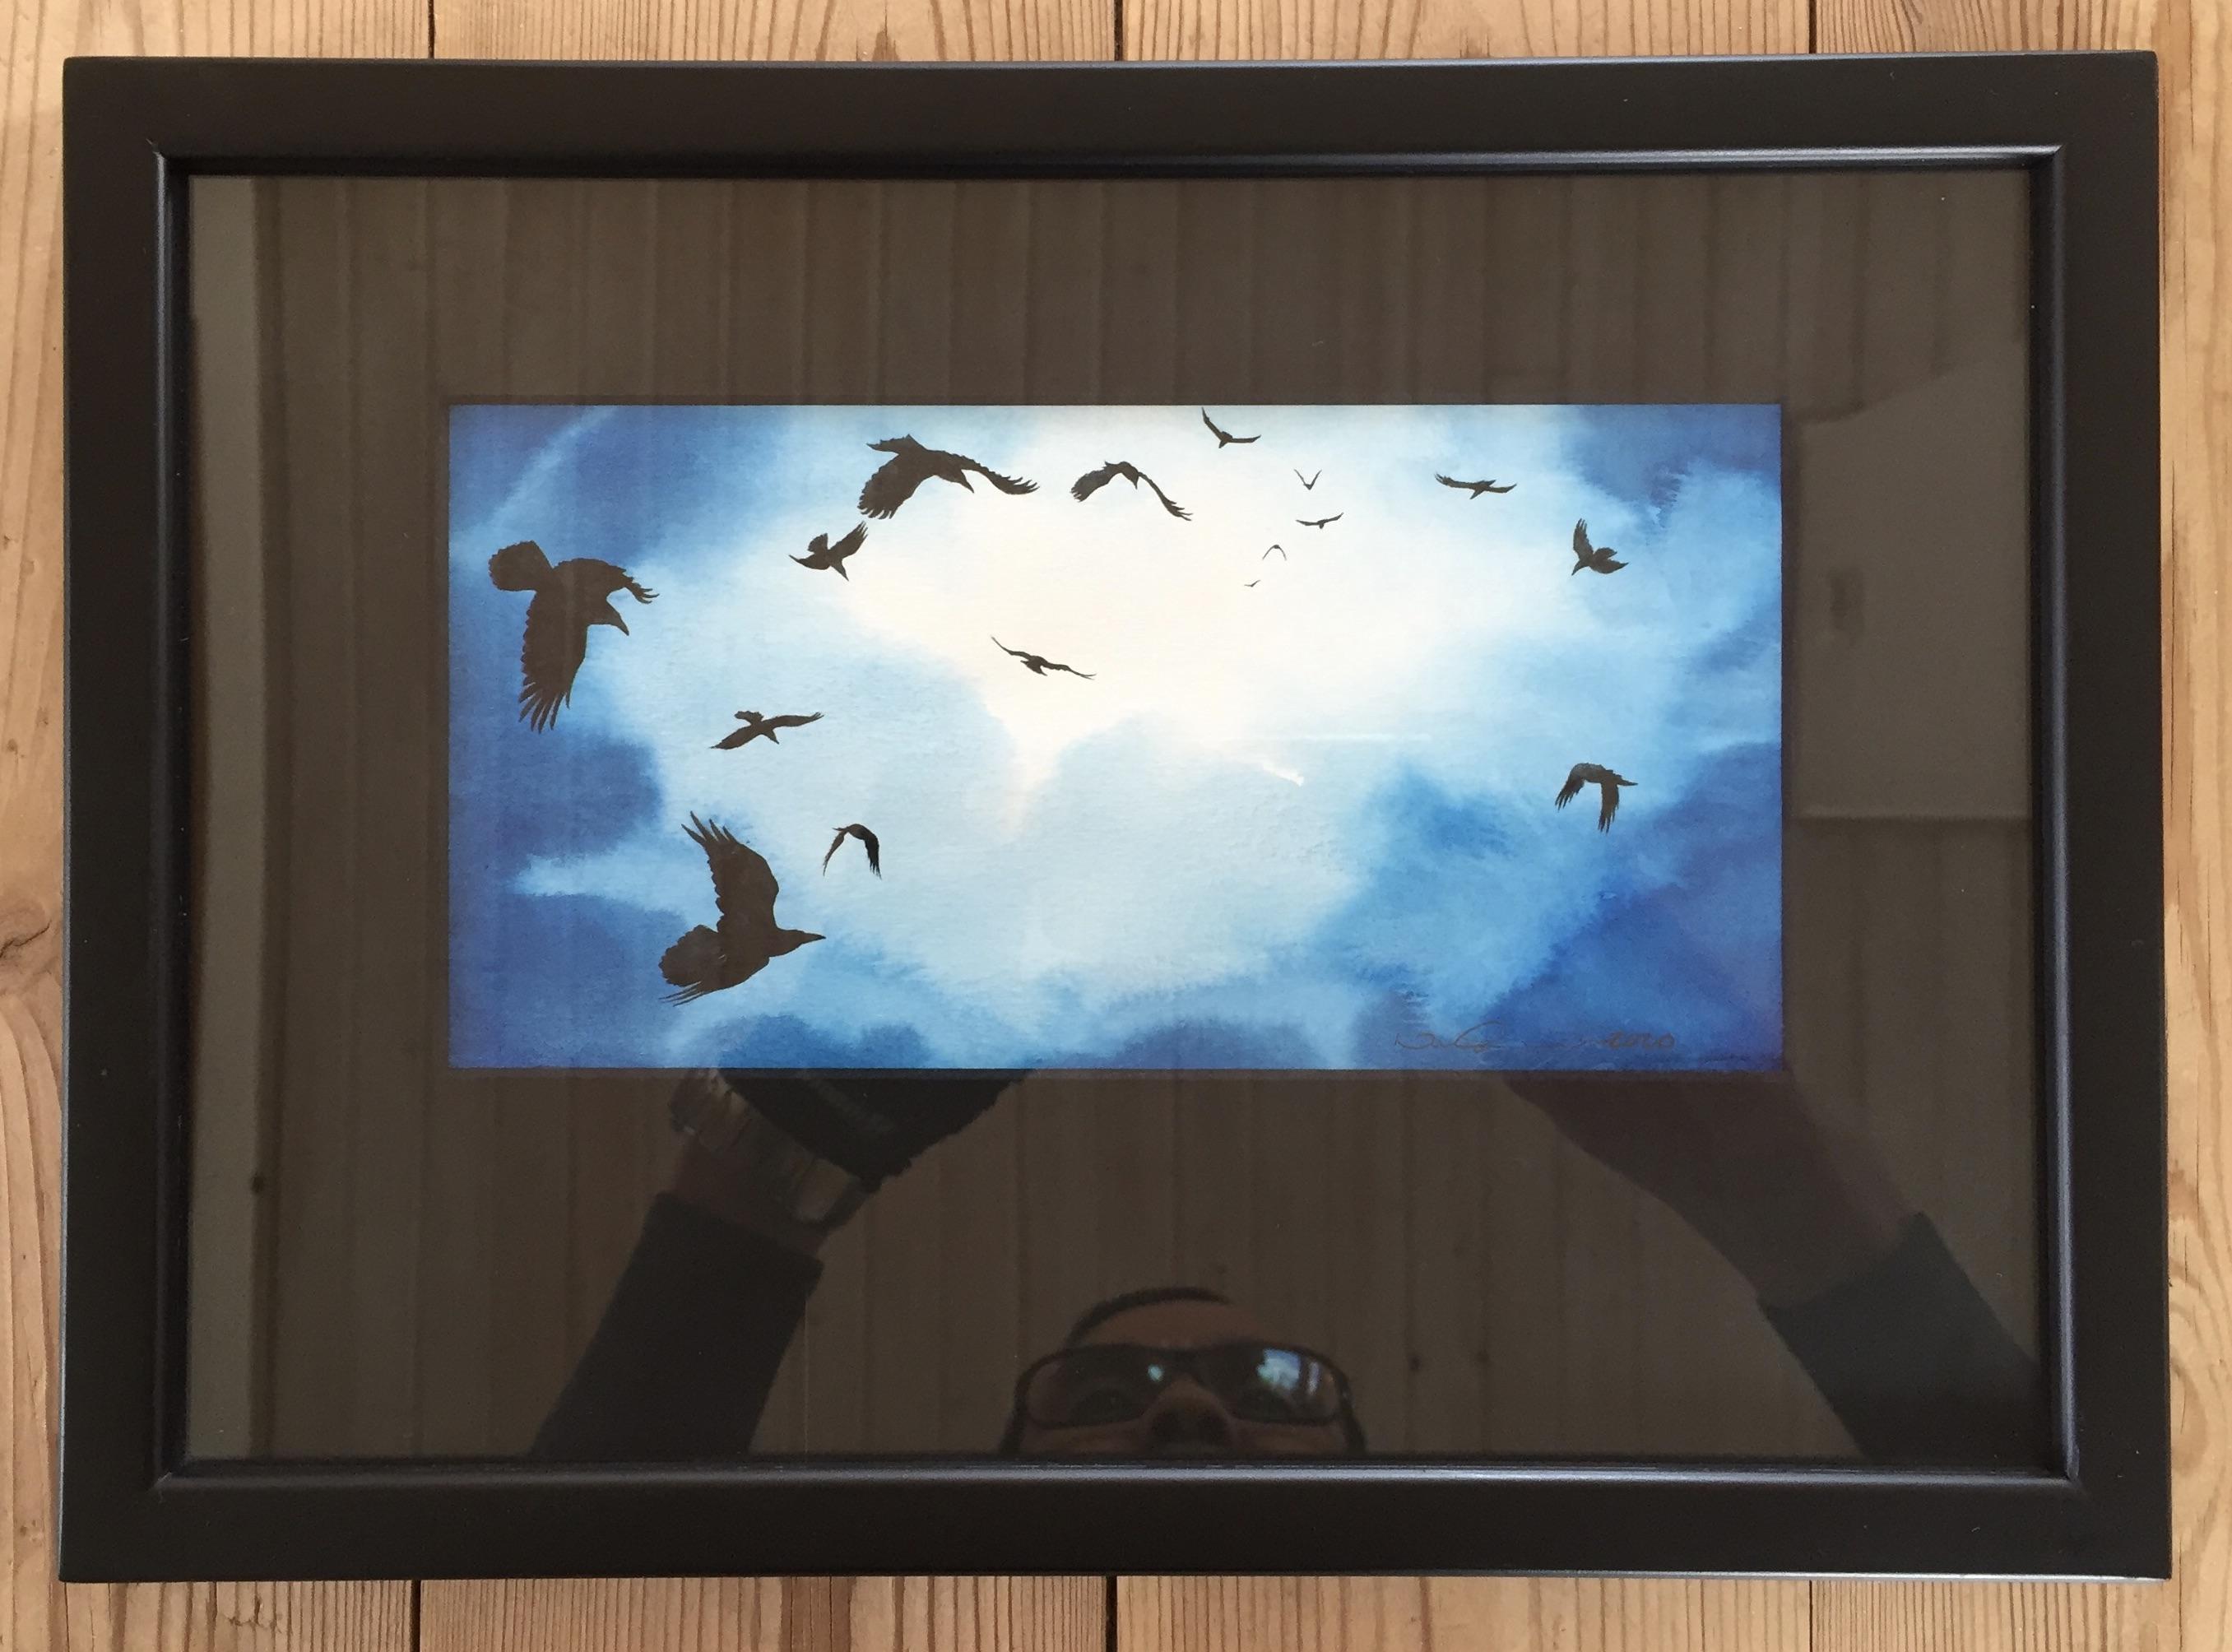 Ravens 3 - SOLD